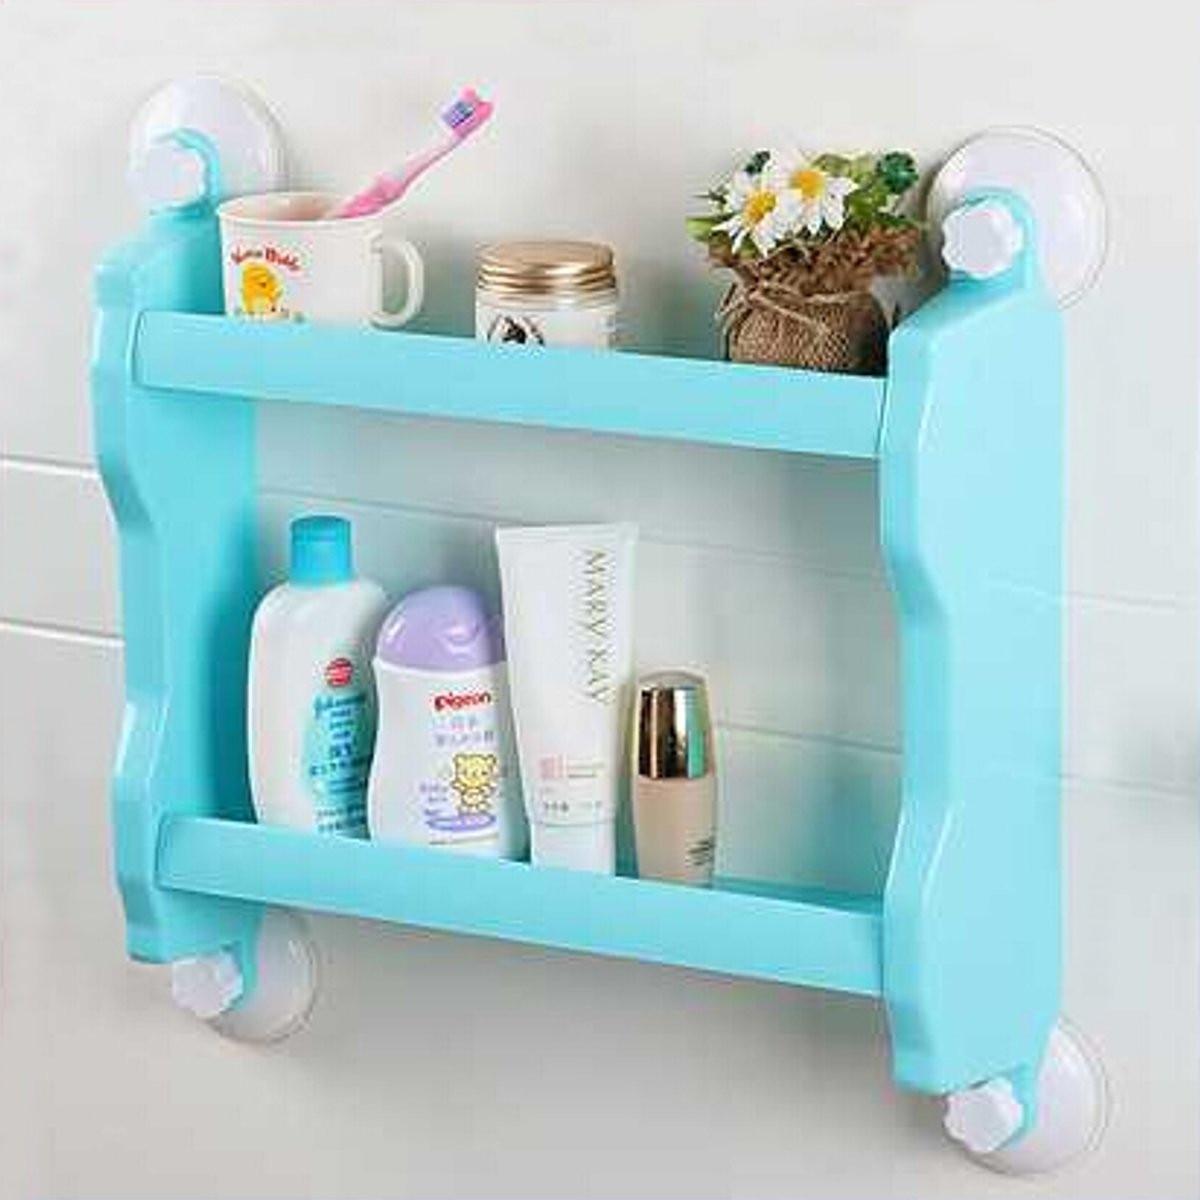 Wall Kitchen Spice Caster Holder Bathroom Sundries Storage Shelf ...